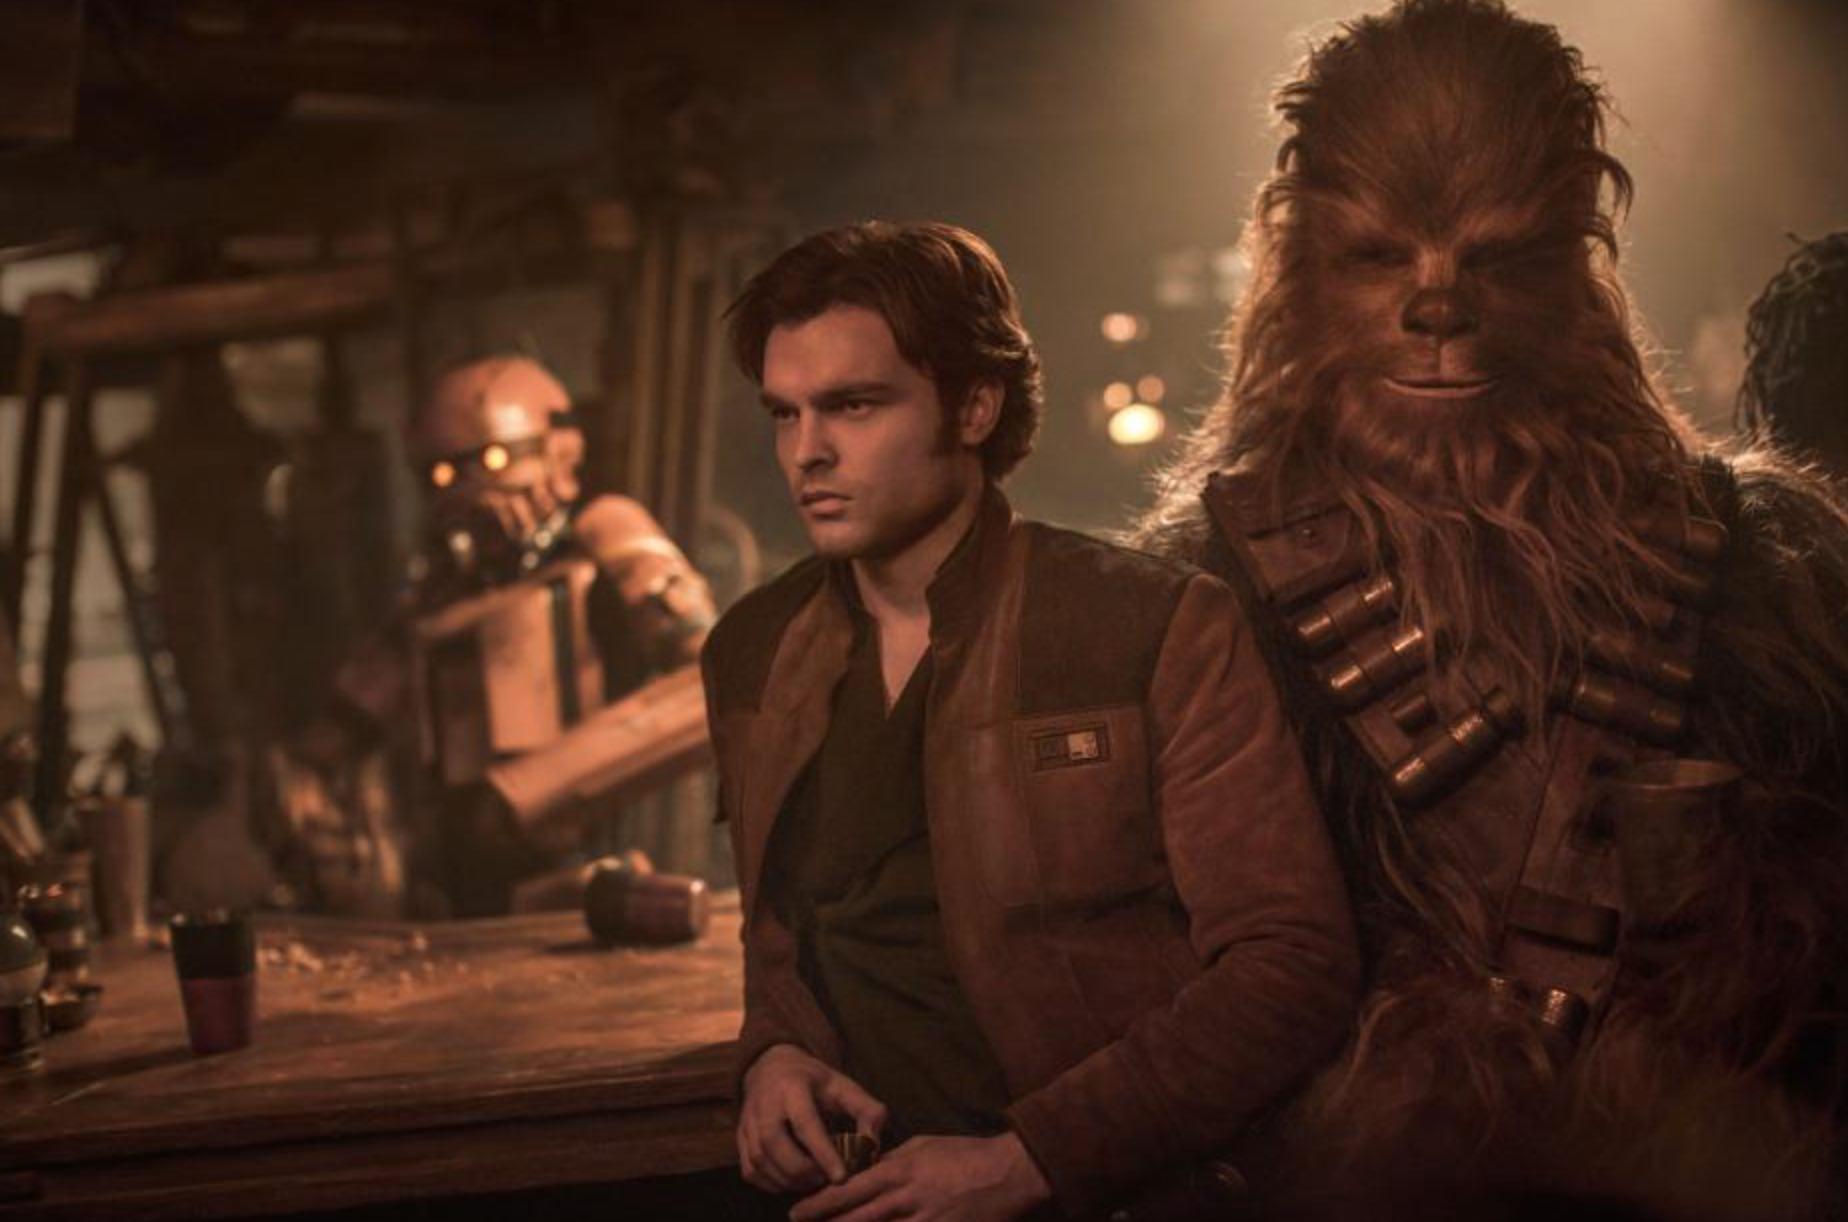 Han Solo Star Wars story Alden Ehrenreich